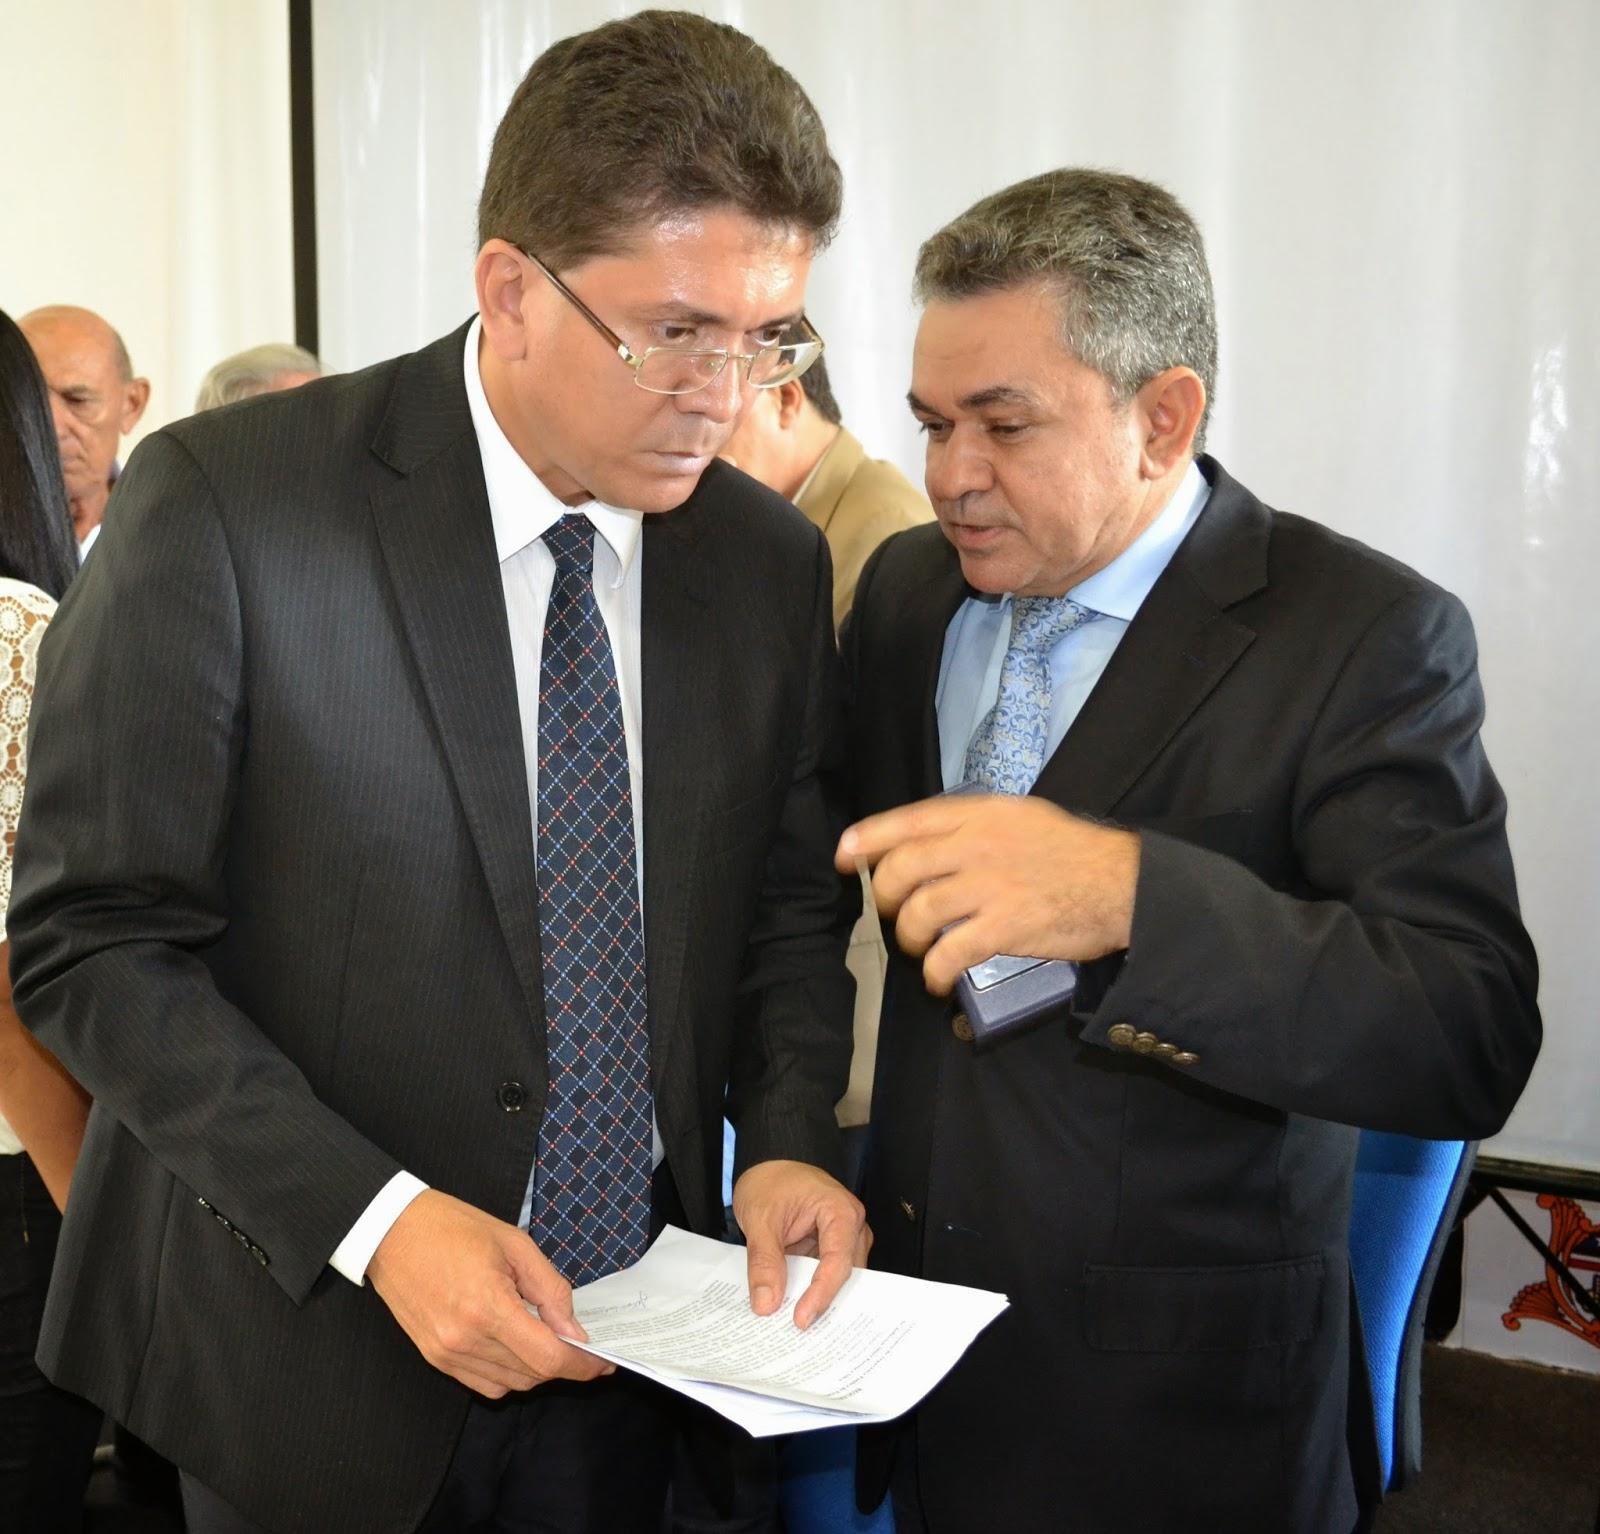 Antônio Pereira e Jefferson Portela